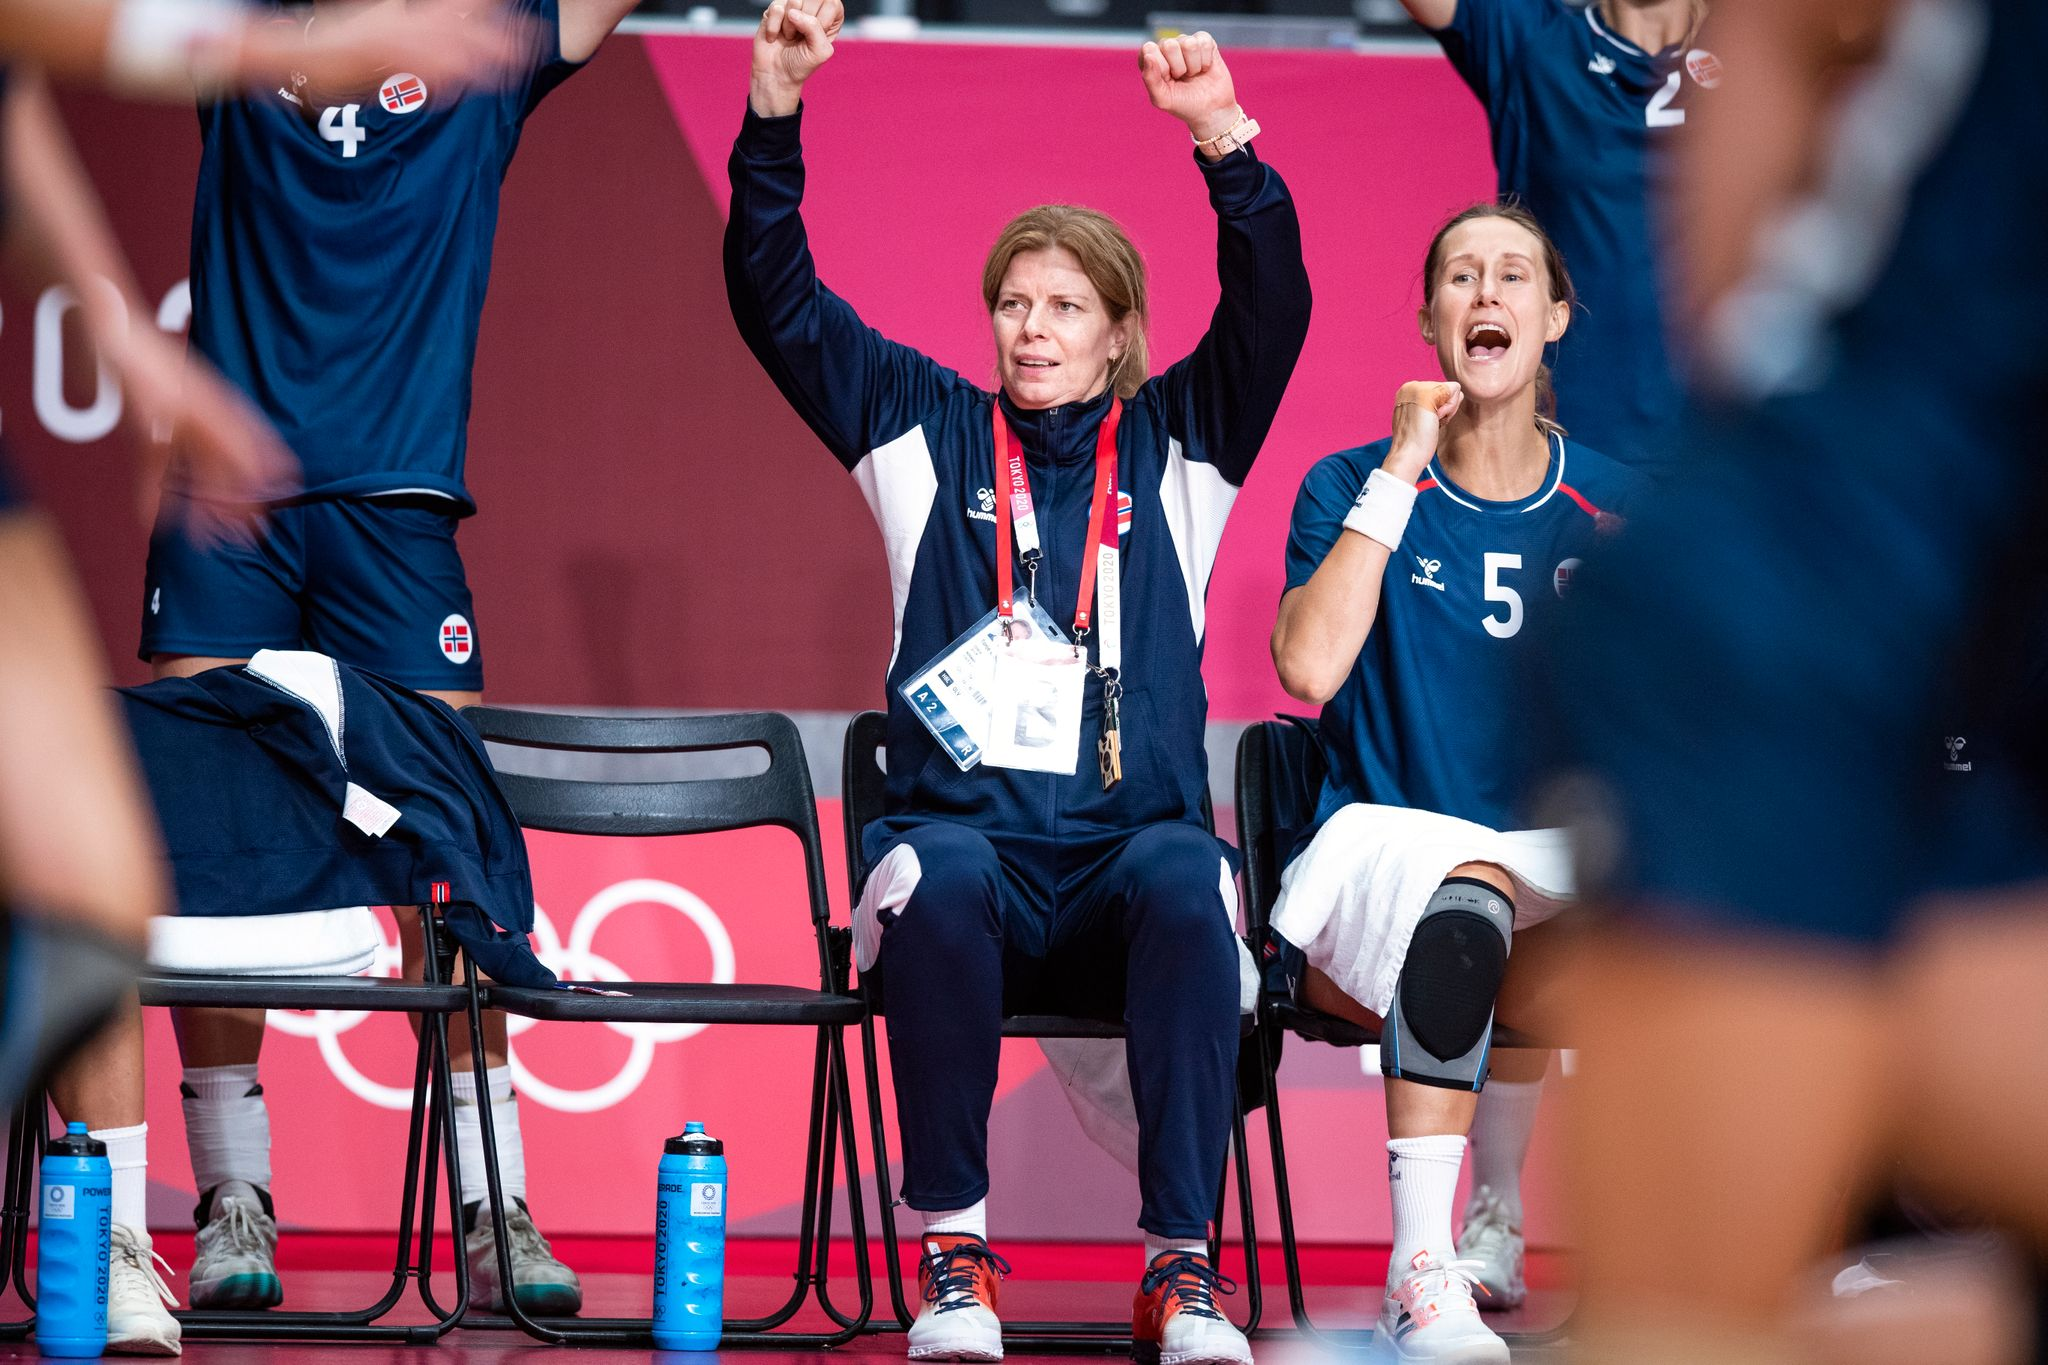 Rekordmange kvinnelige trenere. Men forbundet er ikke helt fornøyd.